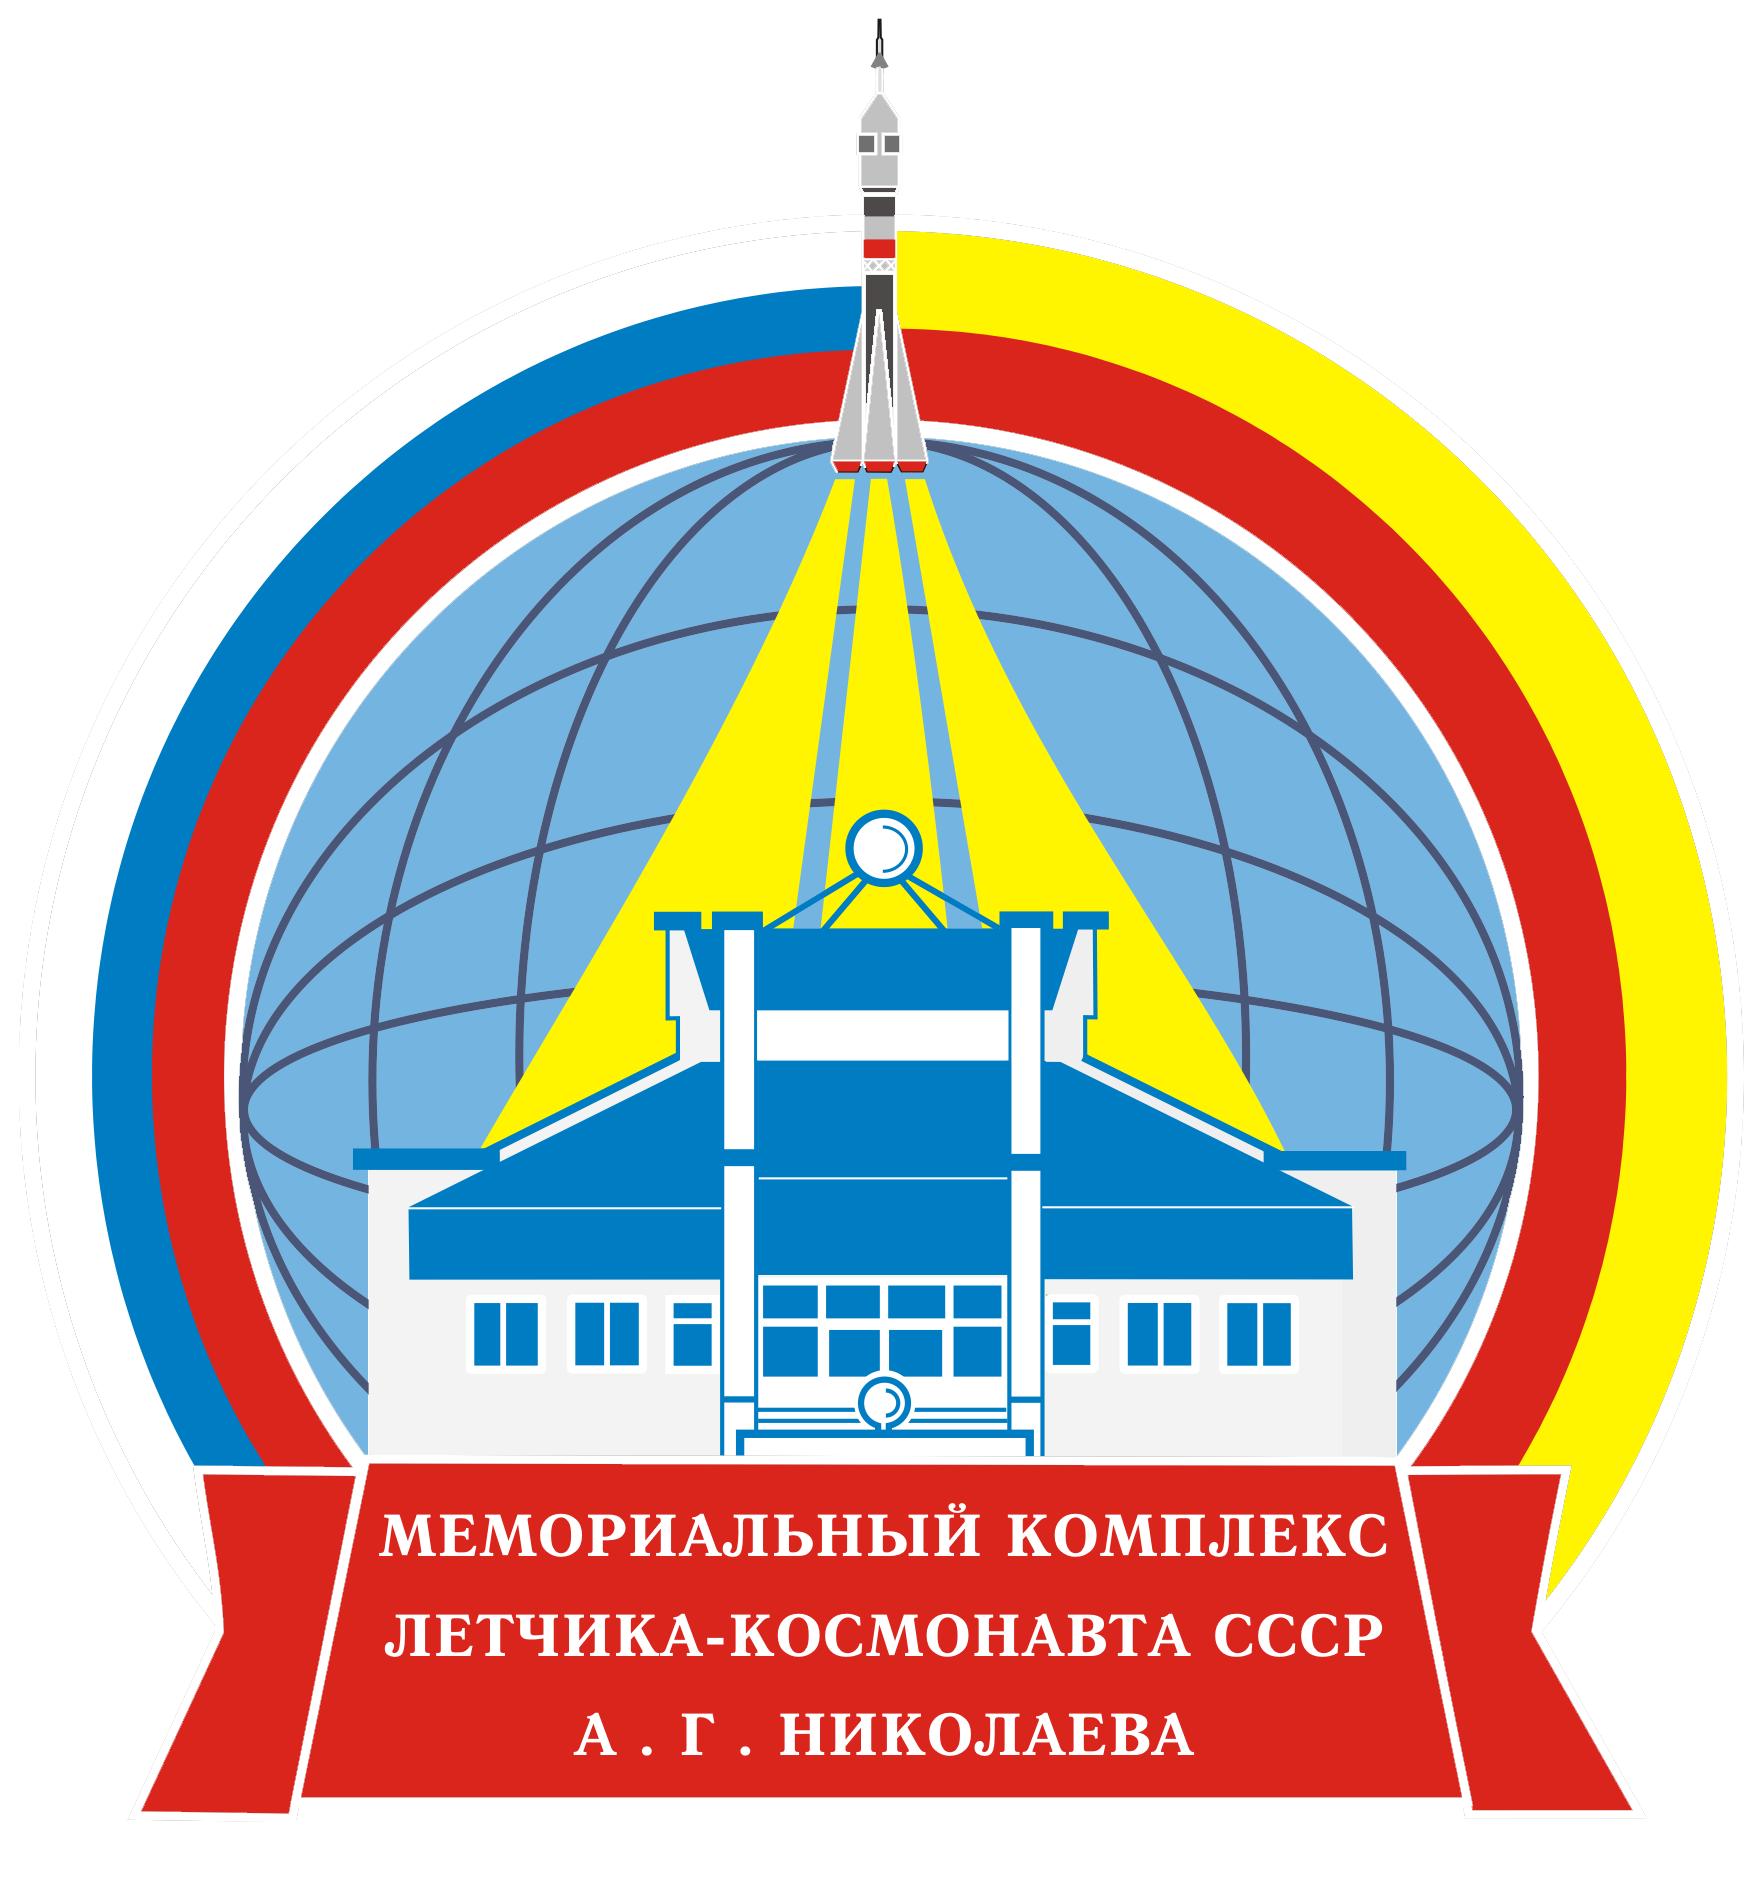 Музей космонавтики в Шоршелах - Мемориальный комплекс ... Музей Космонавтики Лого